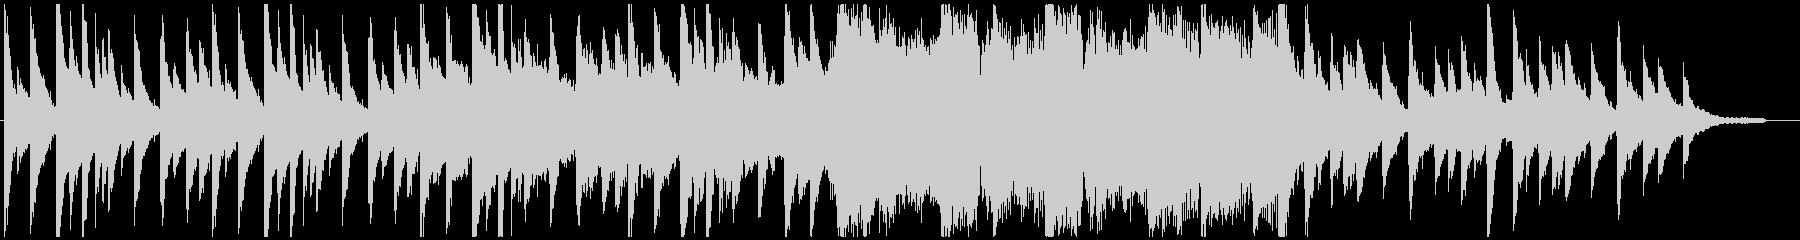 未知との遭遇をイメージしたBGMの未再生の波形